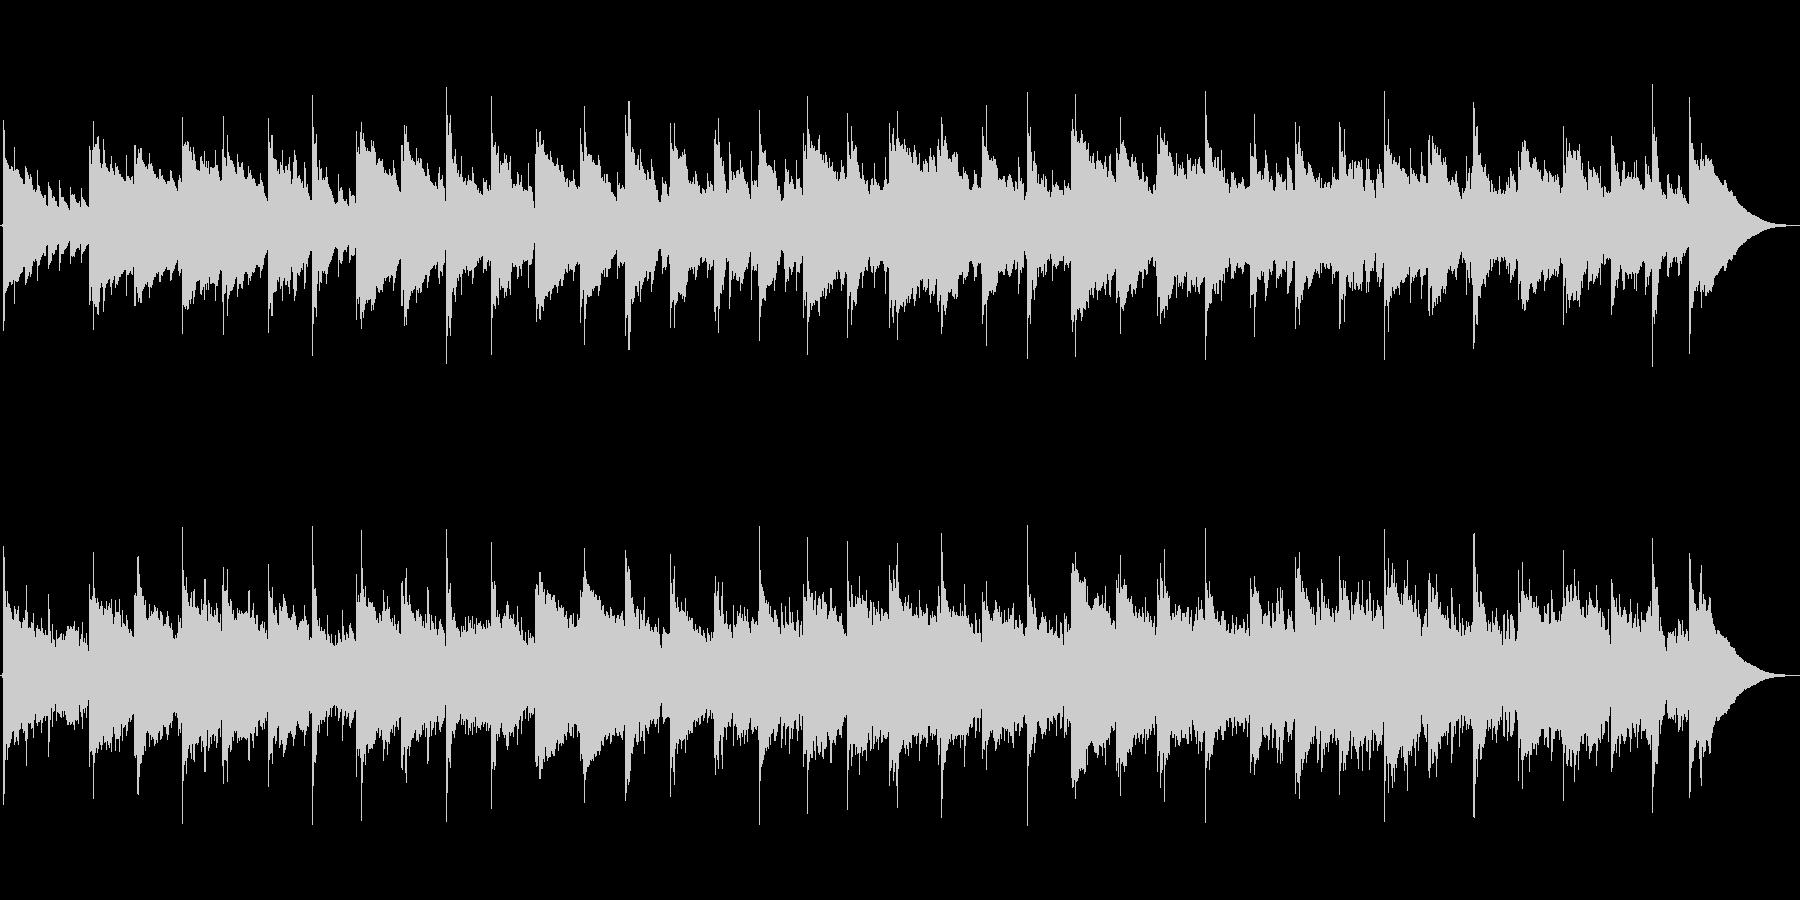 ノスタルジー 口笛 ギター BGM_2の未再生の波形